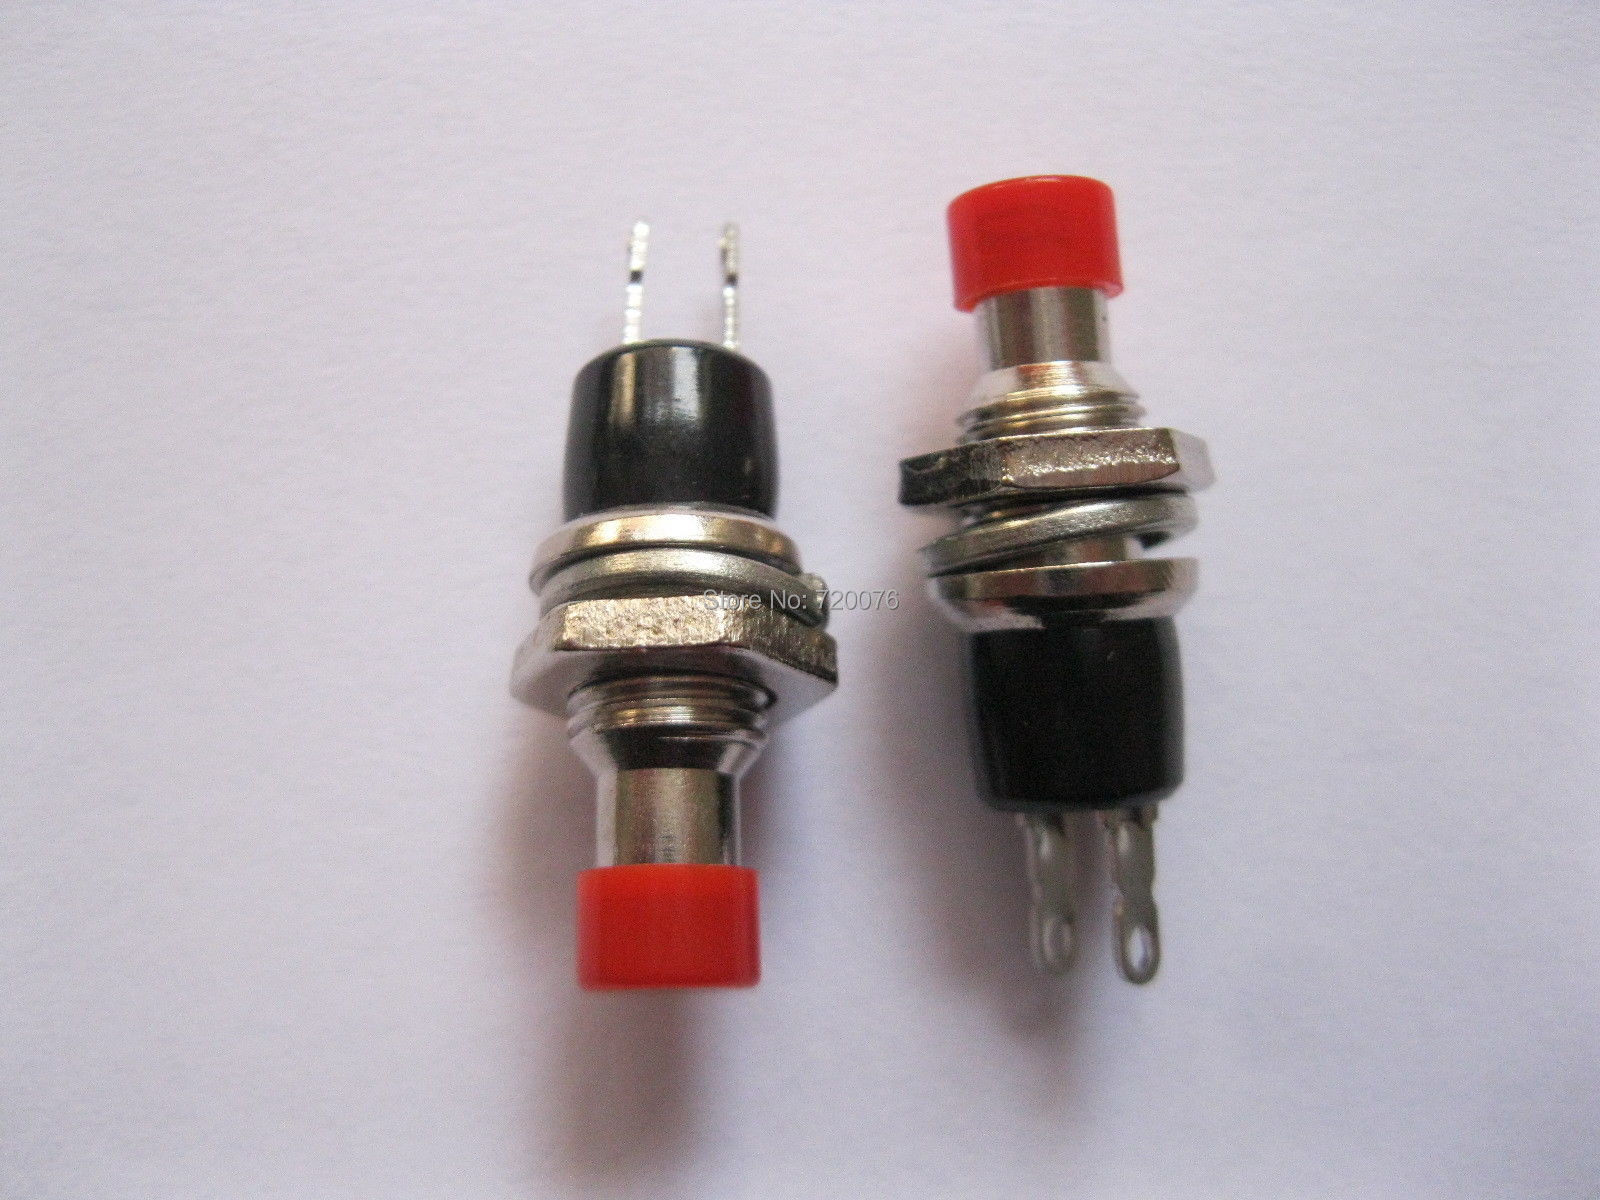 40 pcs SPST Mini Push Momentary Switch Red Cap 250V/3A 125V/6A Nomal Off  [vk] 1241 3257 switch push spst no 100ma 42v switch